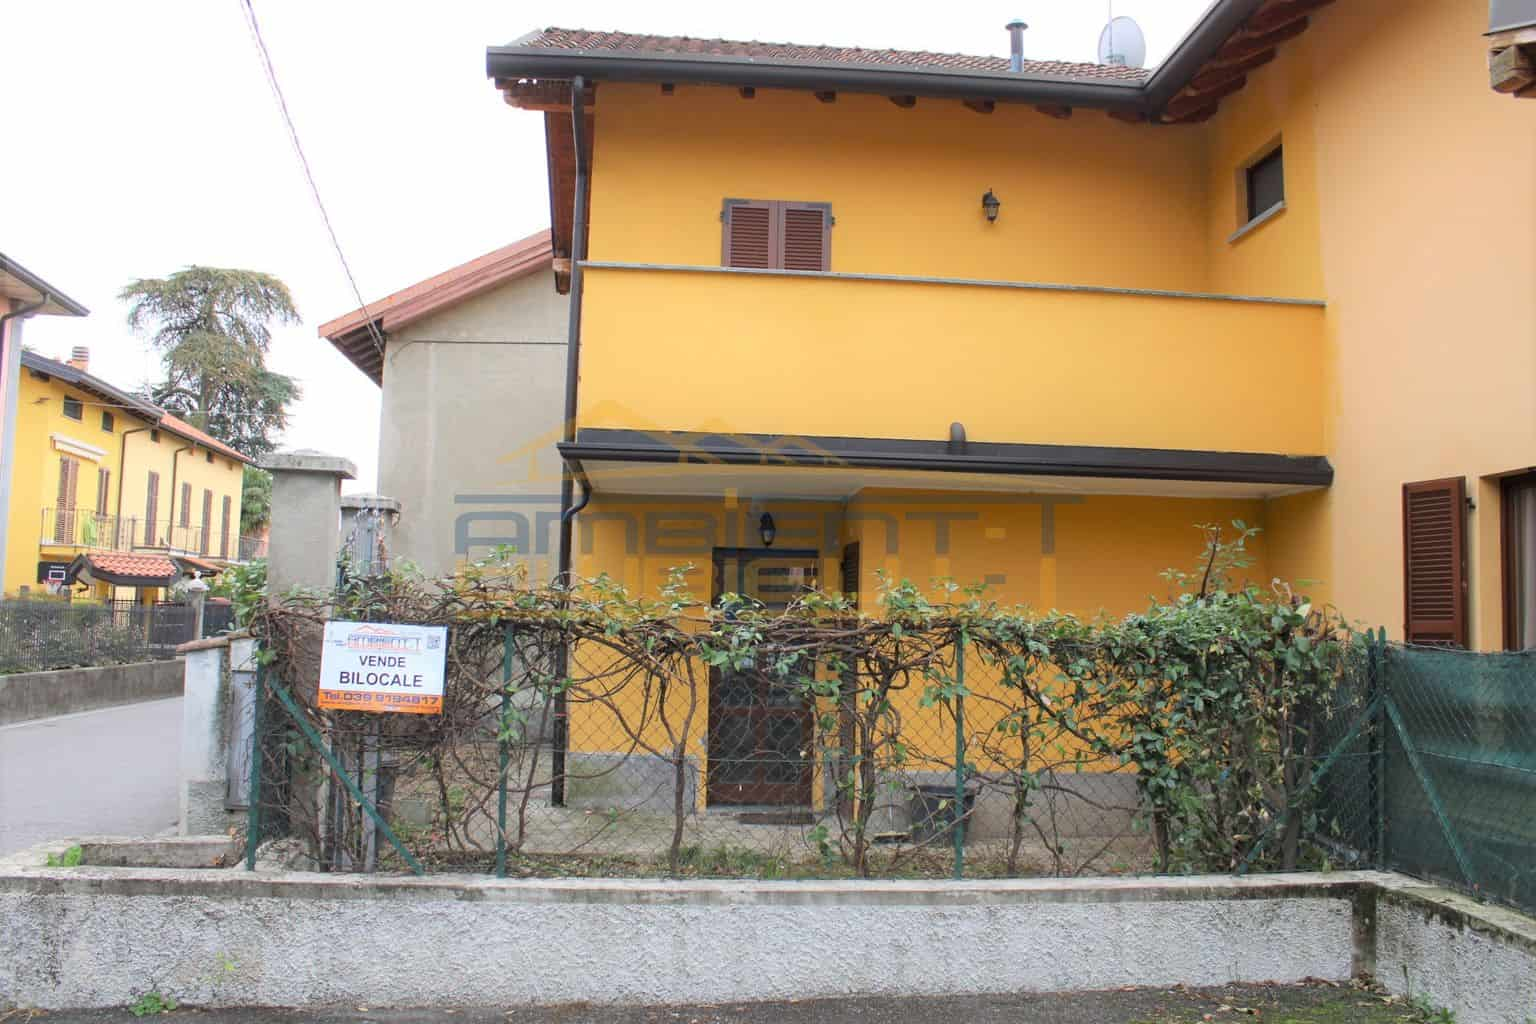 Robbiate - Soluzione indipendente di due locali. Giardino e posto auto.